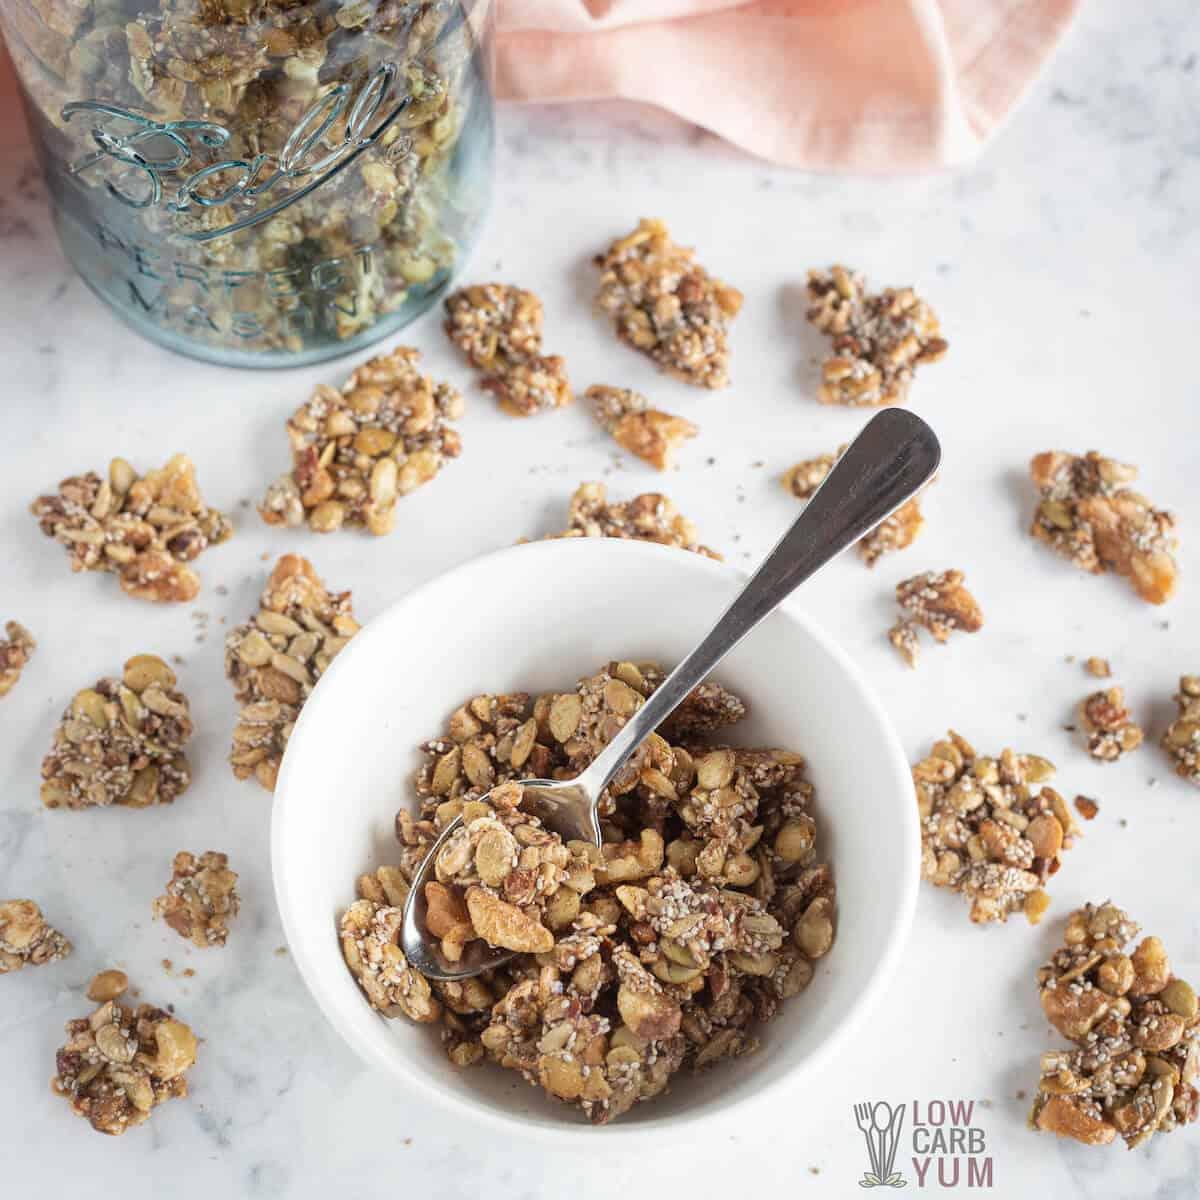 Receita de cereal sem cereais e sem açúcar da Keto Granola